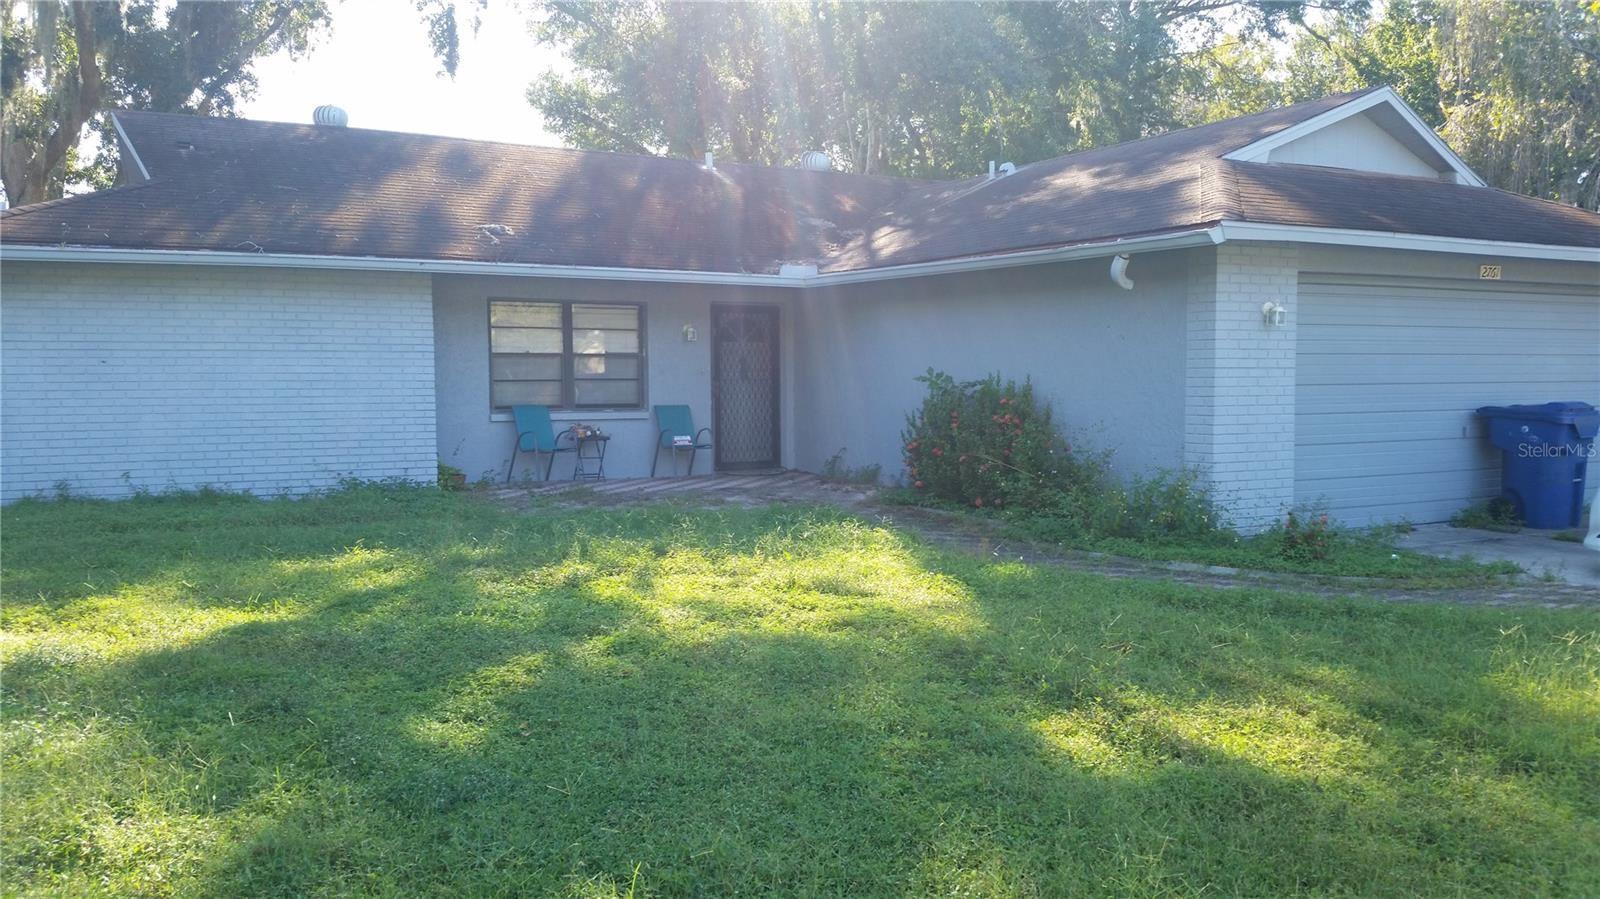 2761 OAK BEND COURT, New Port Richey, FL 34655 - MLS#: U8138804